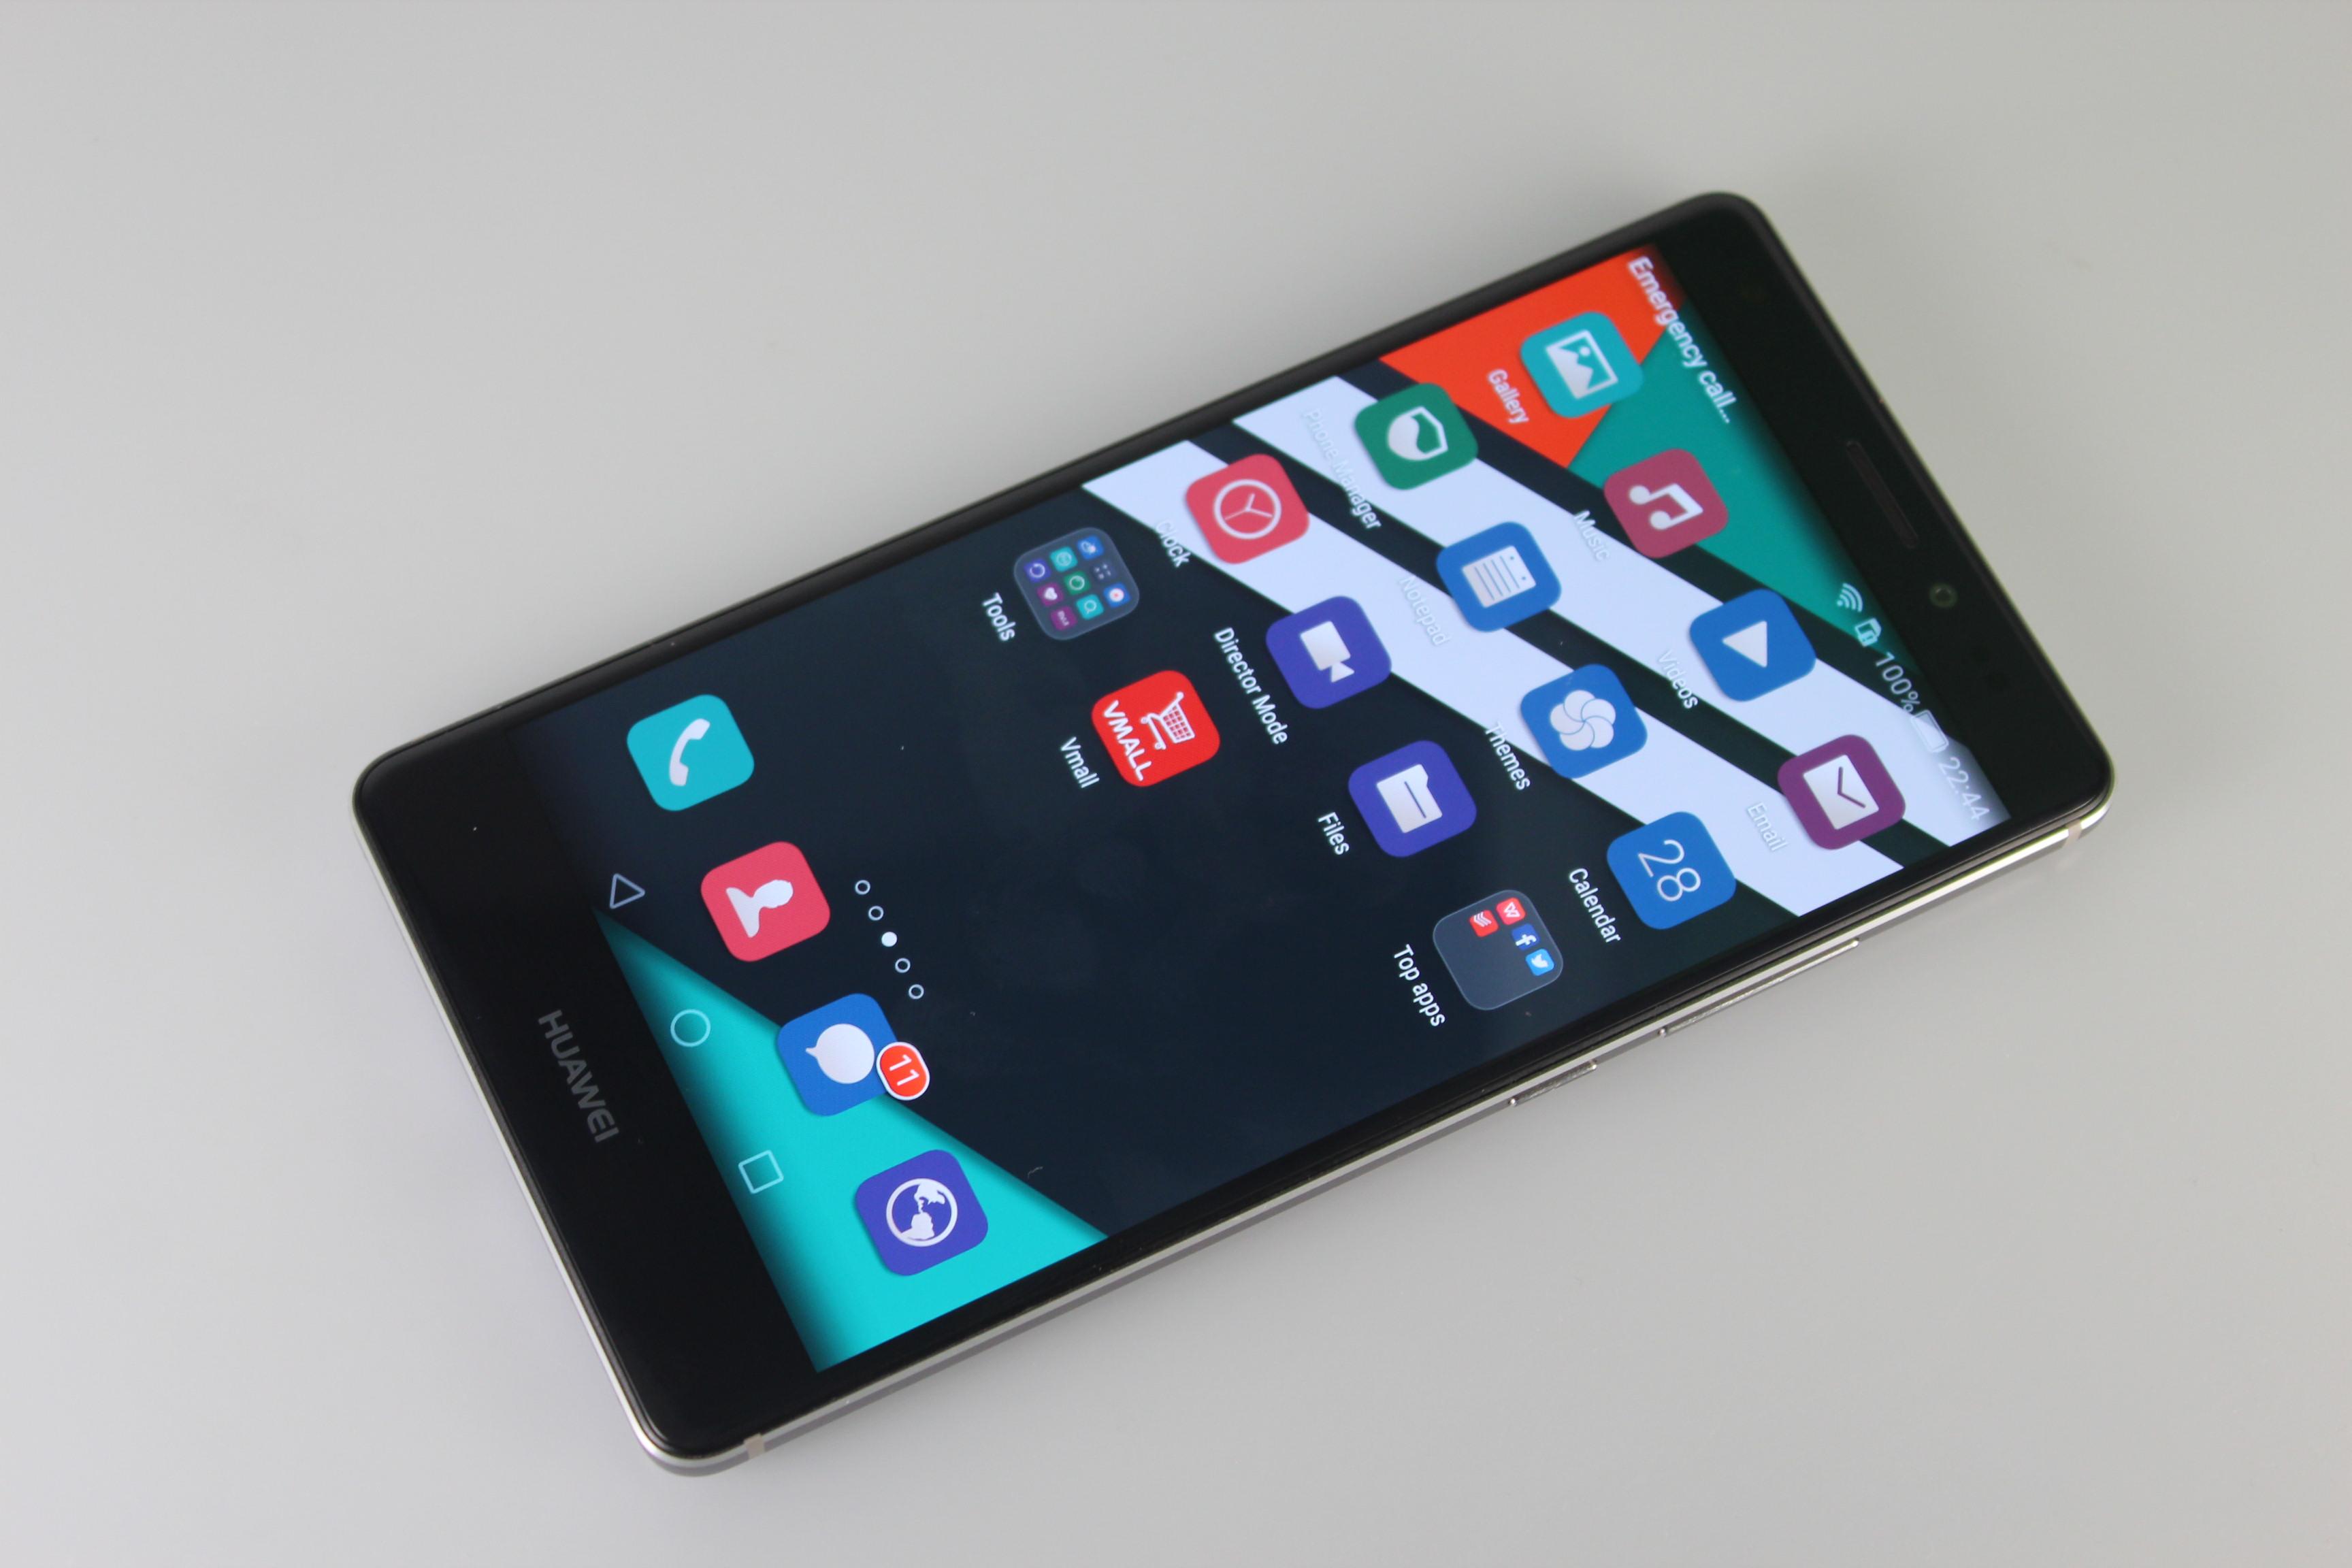 Huawei-Mate-S (14)